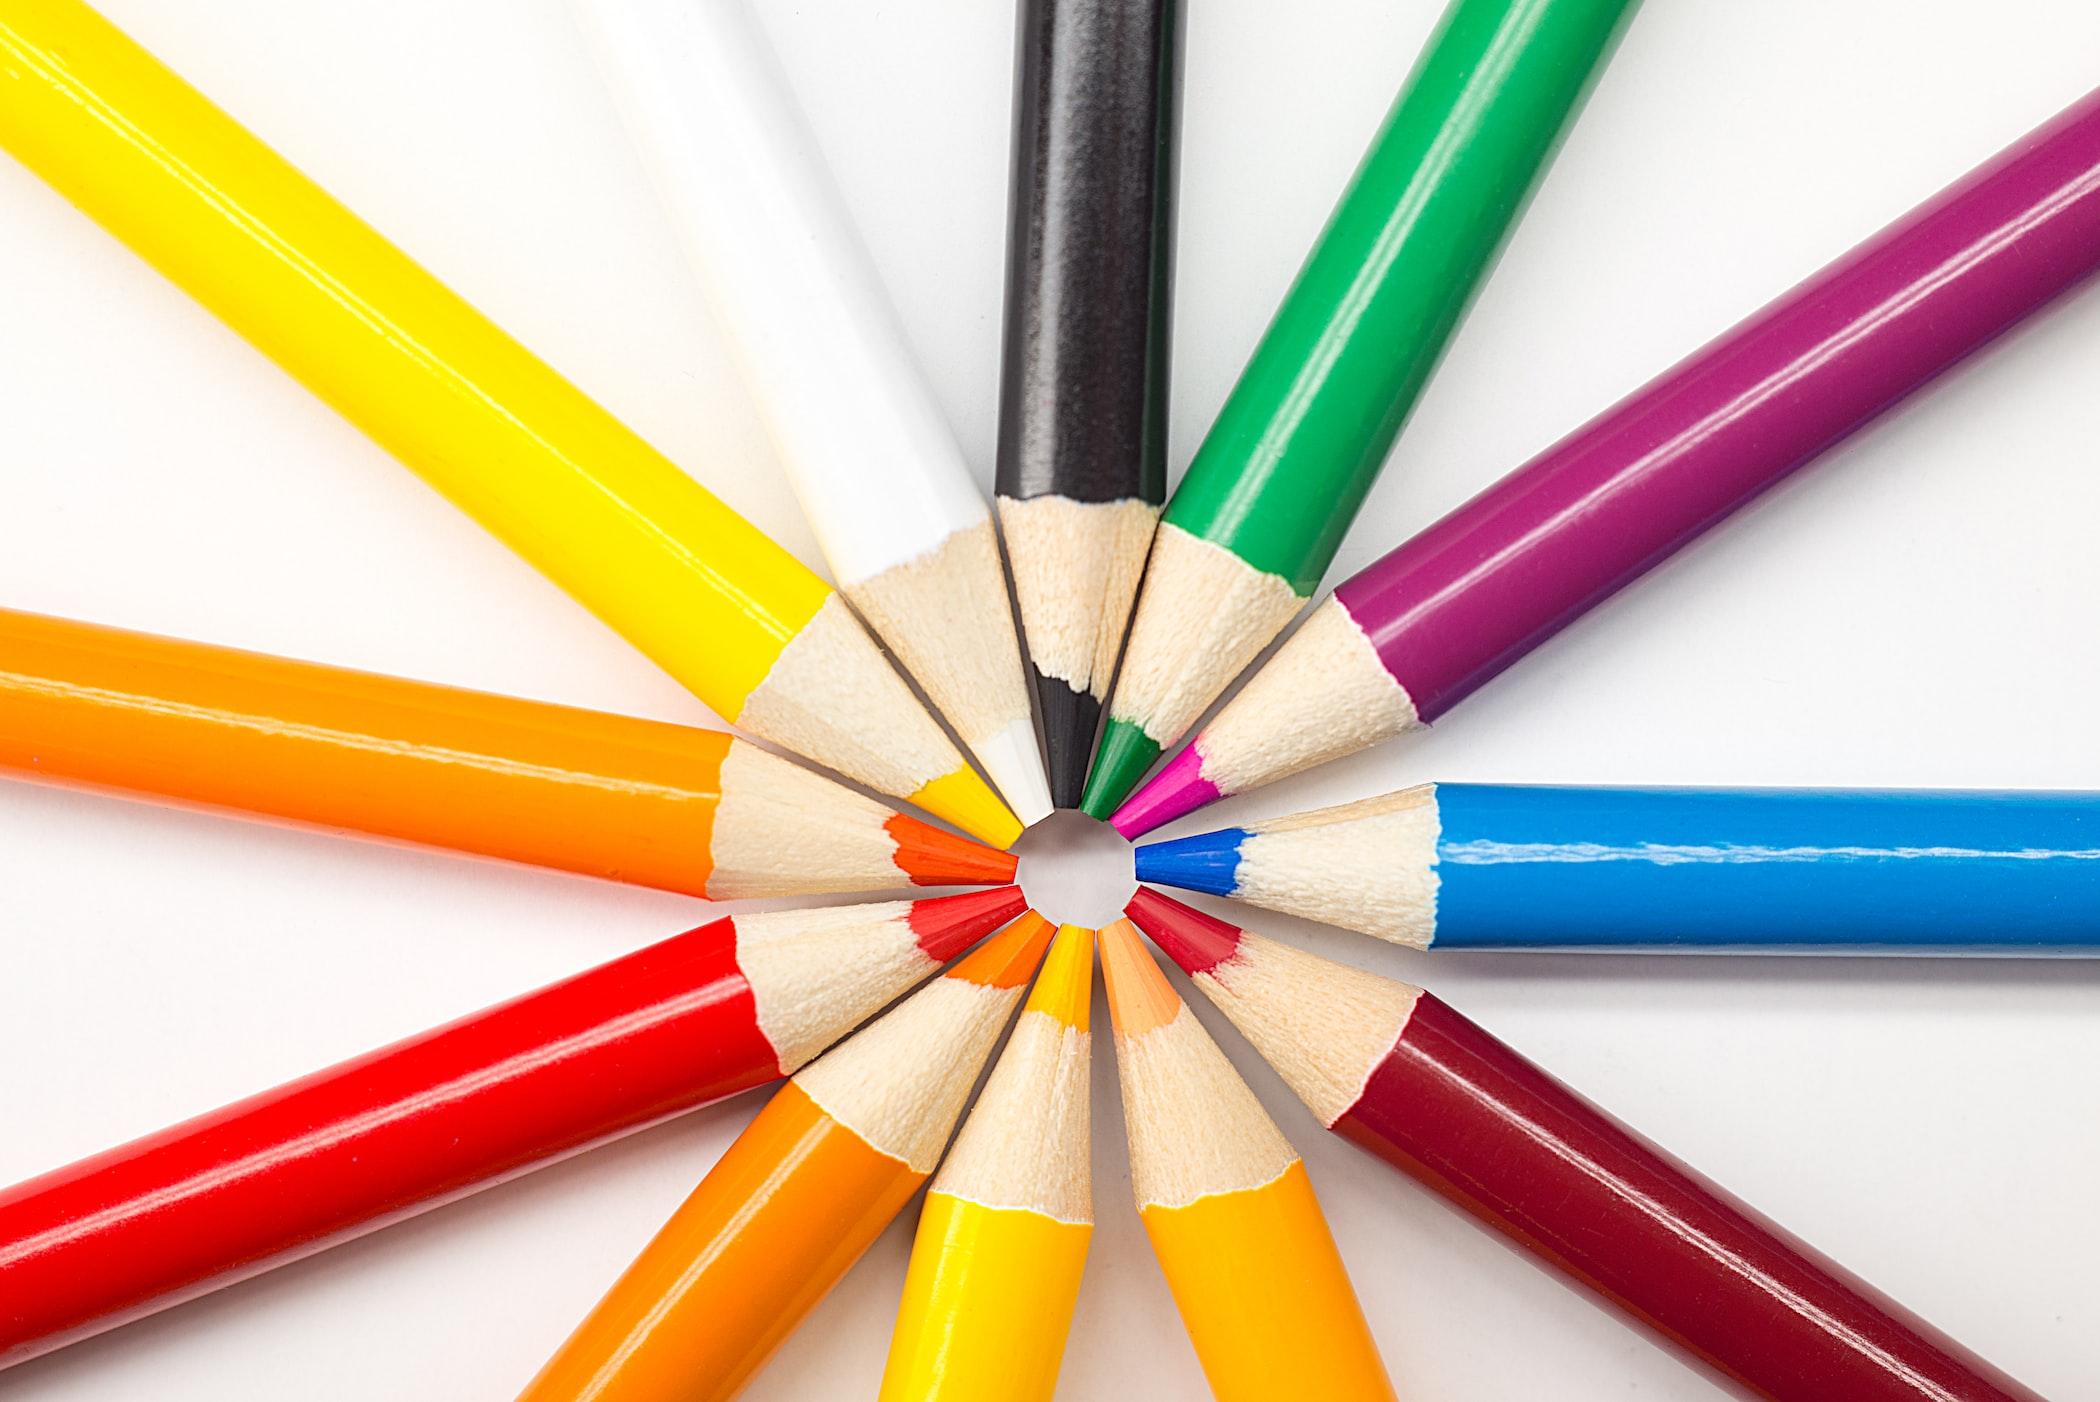 英単語を簡単に覚えるコツ「色を使う」